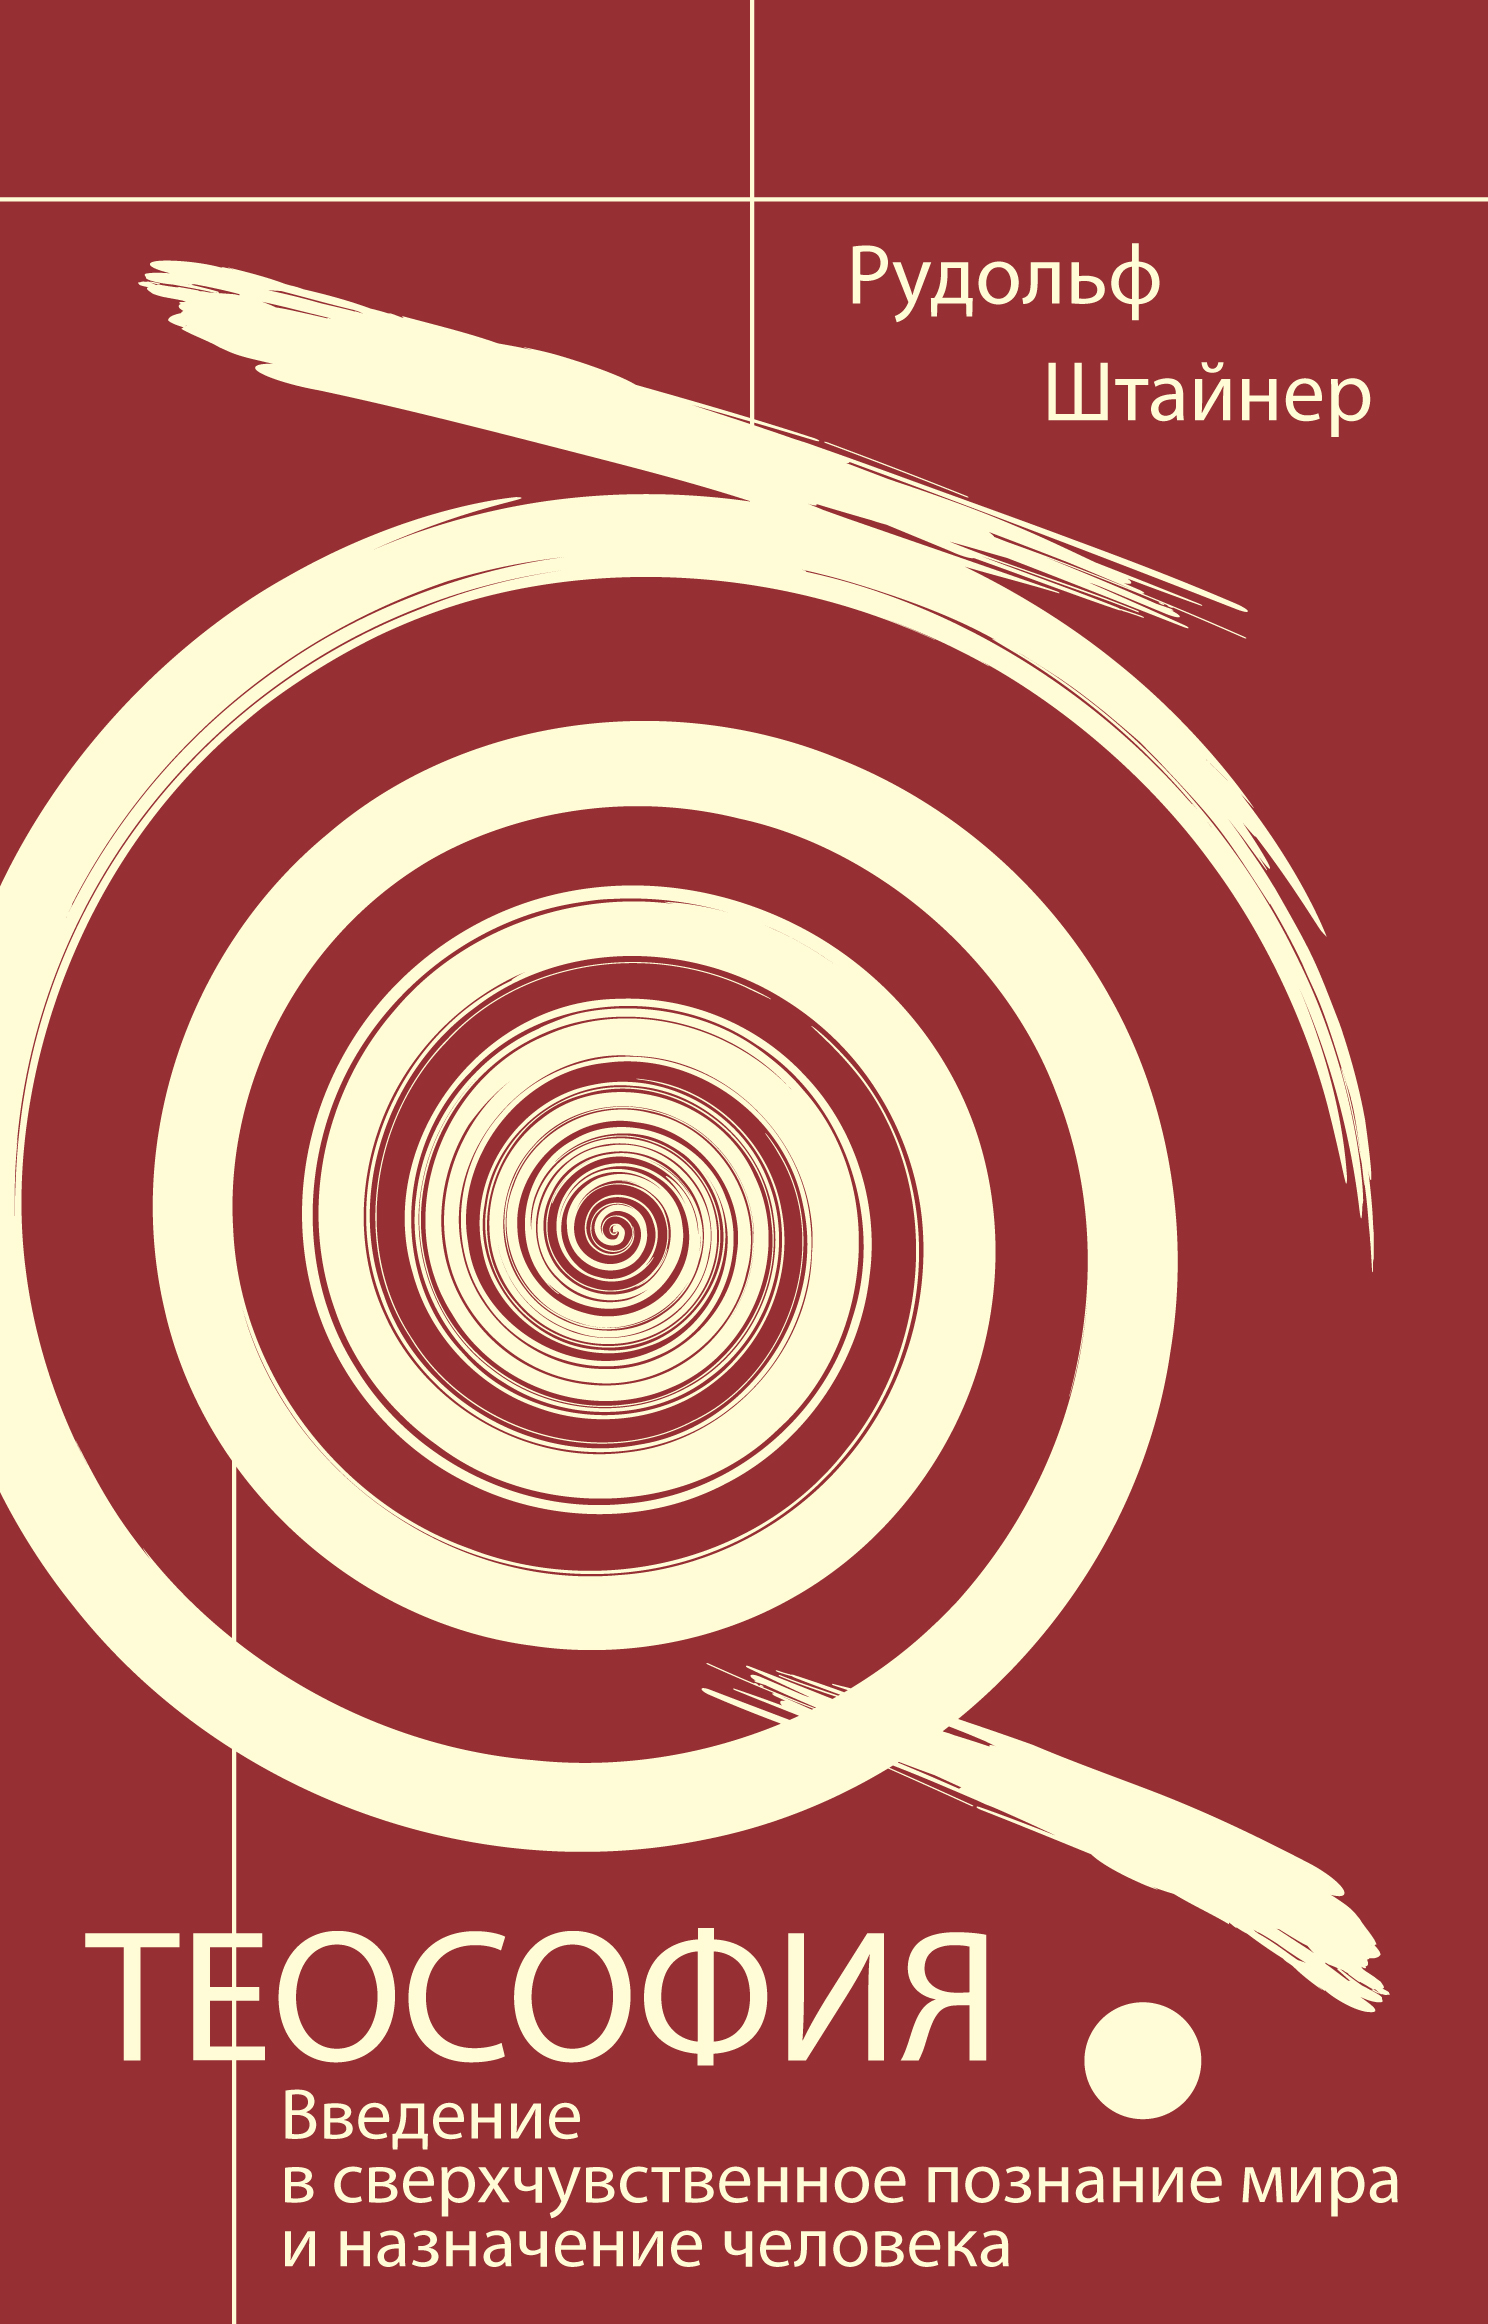 Теософия. 4-е изд. Введение в сверхчувственное познание мира и назначение челове